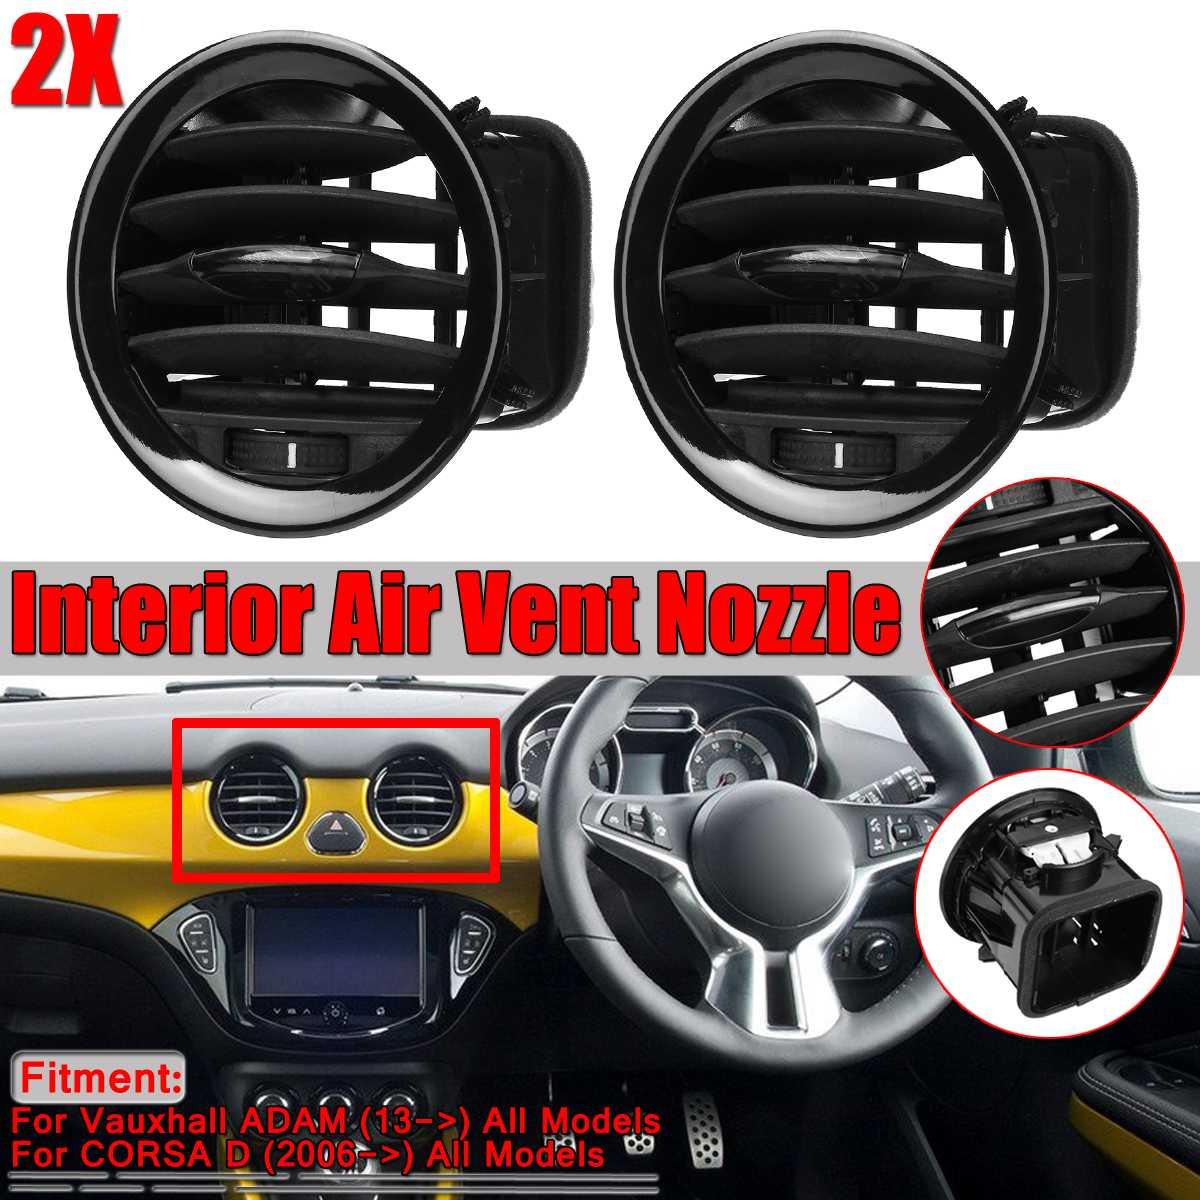 New Car Interior Riscaldatore A/C Air Vent Copertura Griglia di Uscita Per Vauxhall Opel ADAM/CORSA D MK3 aria Condizionata Vents Trim Coperture